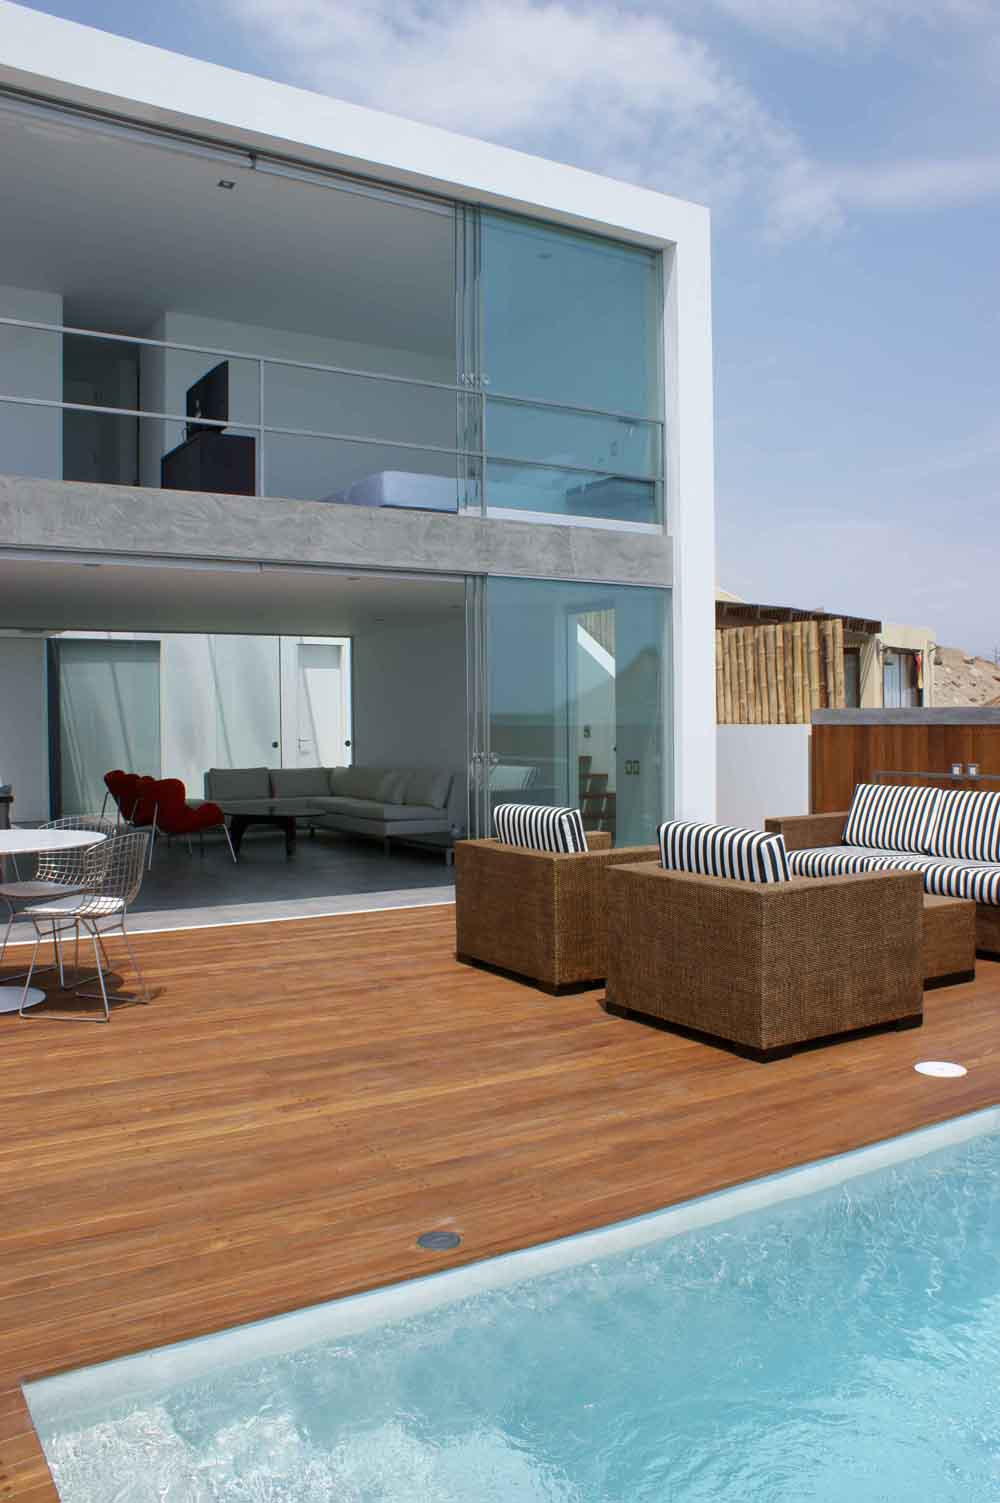 Casa en playa punta hermosa arq juan carlos doblado for Decoracion de casas de playa modernas